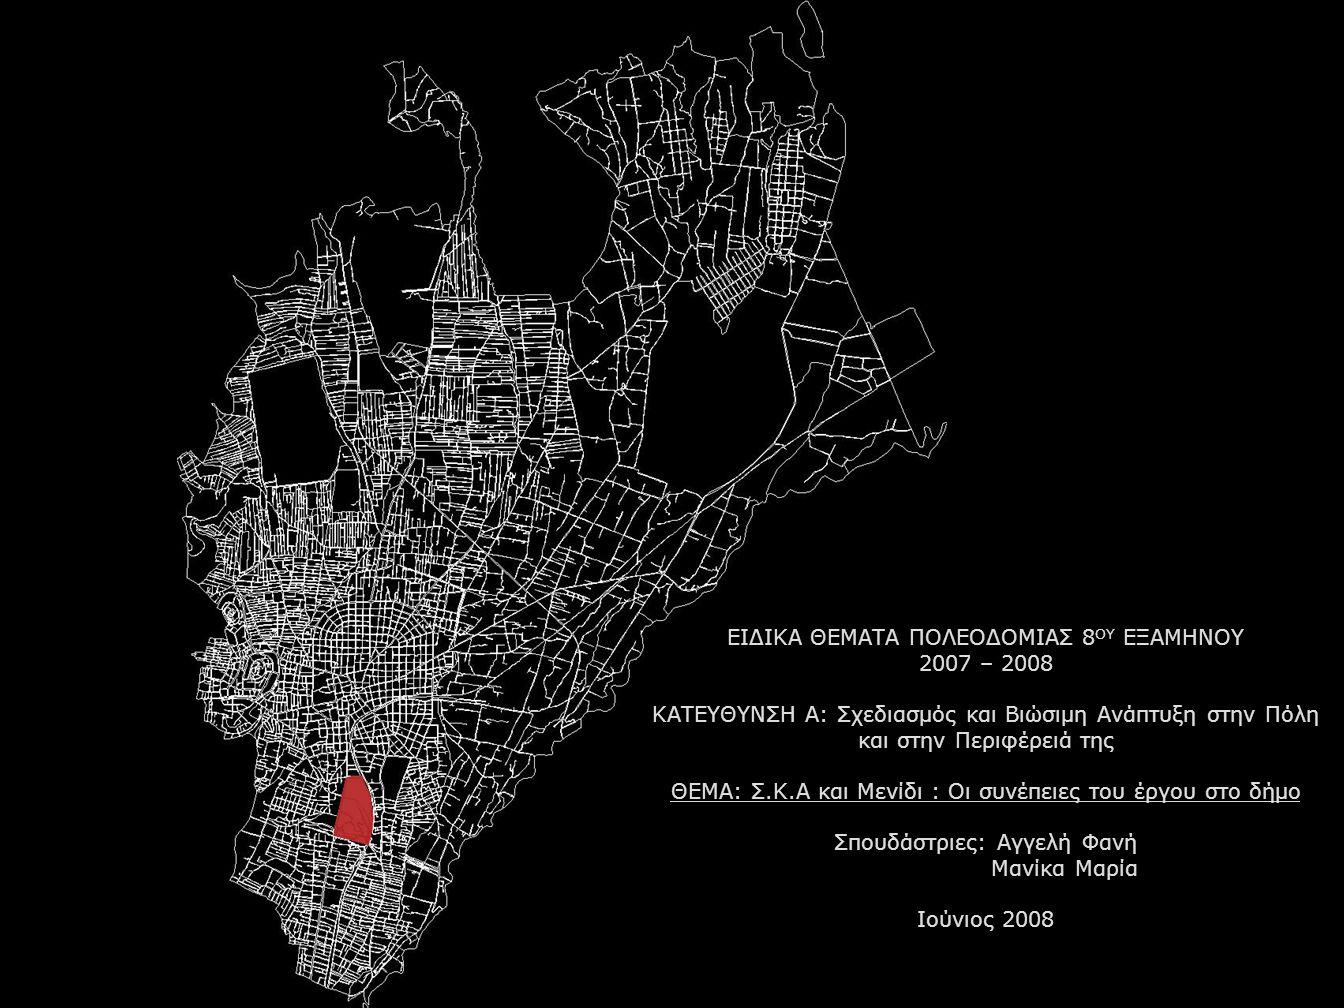 ΕΙΔΙΚΑ ΘΕΜΑΤΑ ΠΟΛΕΟΔΟΜΙΑΣ 8 ΟΥ ΕΞΑΜΗΝΟΥ 2007 – 2008 ΚΑΤΕΥΘΥΝΣΗ Α: Σχεδιασμός και Βιώσιμη Ανάπτυξη στην Πόλη και στην Περιφέρειά της ΘΕΜΑ: Σ.Κ.Α και Με